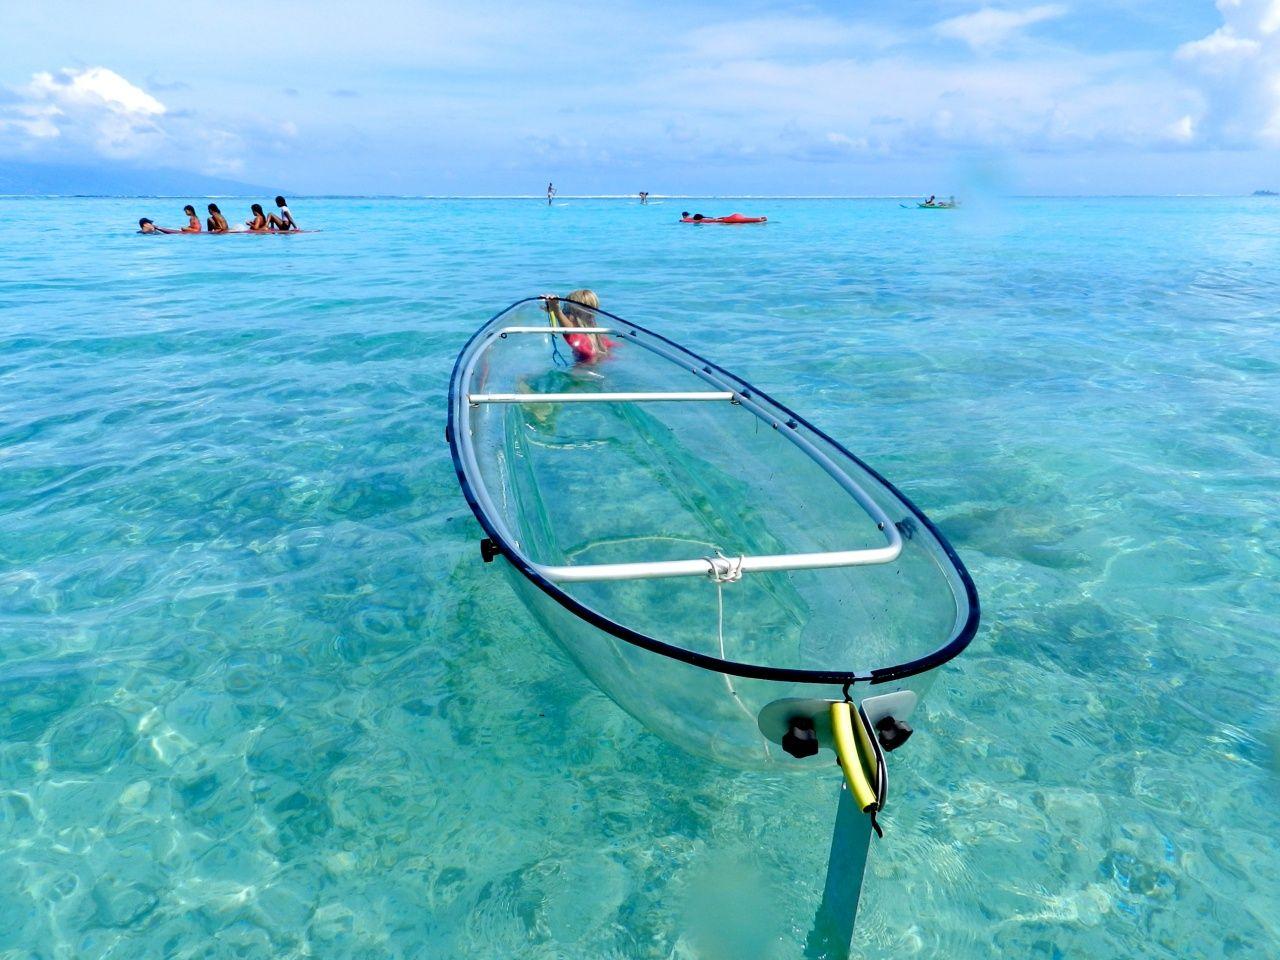 Ride In A Transparent Kayak Kayaking Canoe And Kayak Kayaking